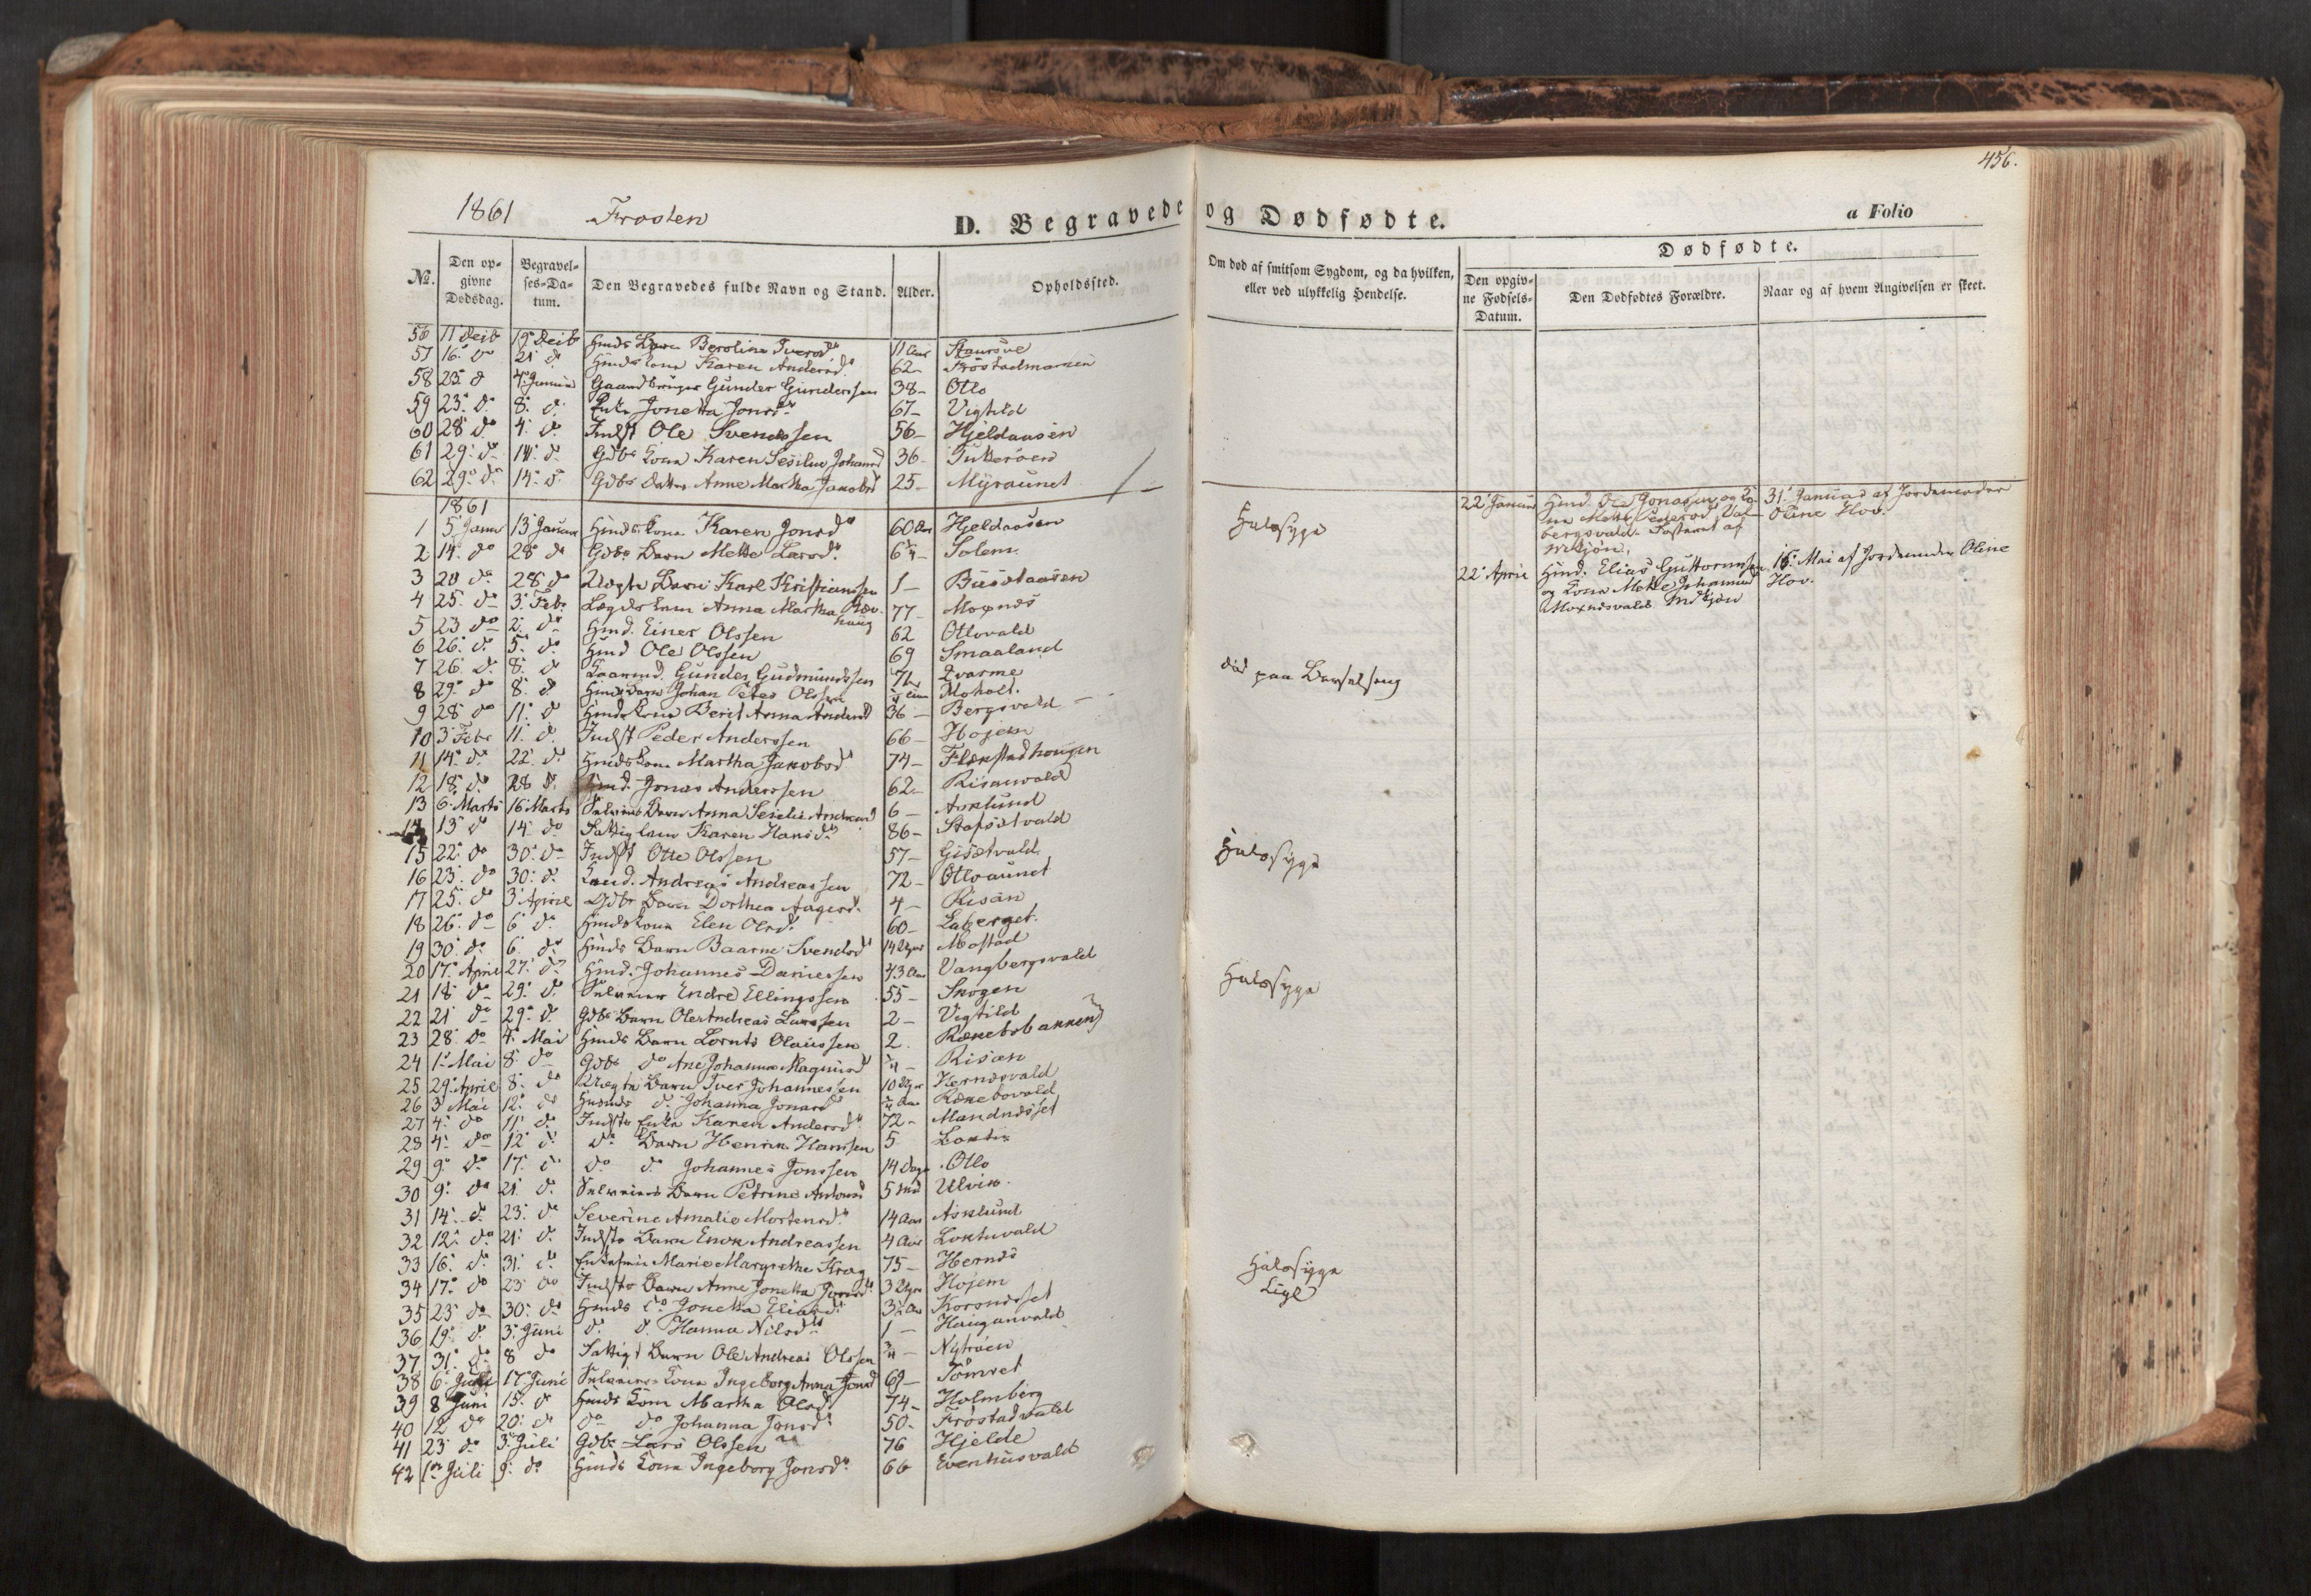 SAT, Ministerialprotokoller, klokkerbøker og fødselsregistre - Nord-Trøndelag, 713/L0116: Ministerialbok nr. 713A07, 1850-1877, s. 456